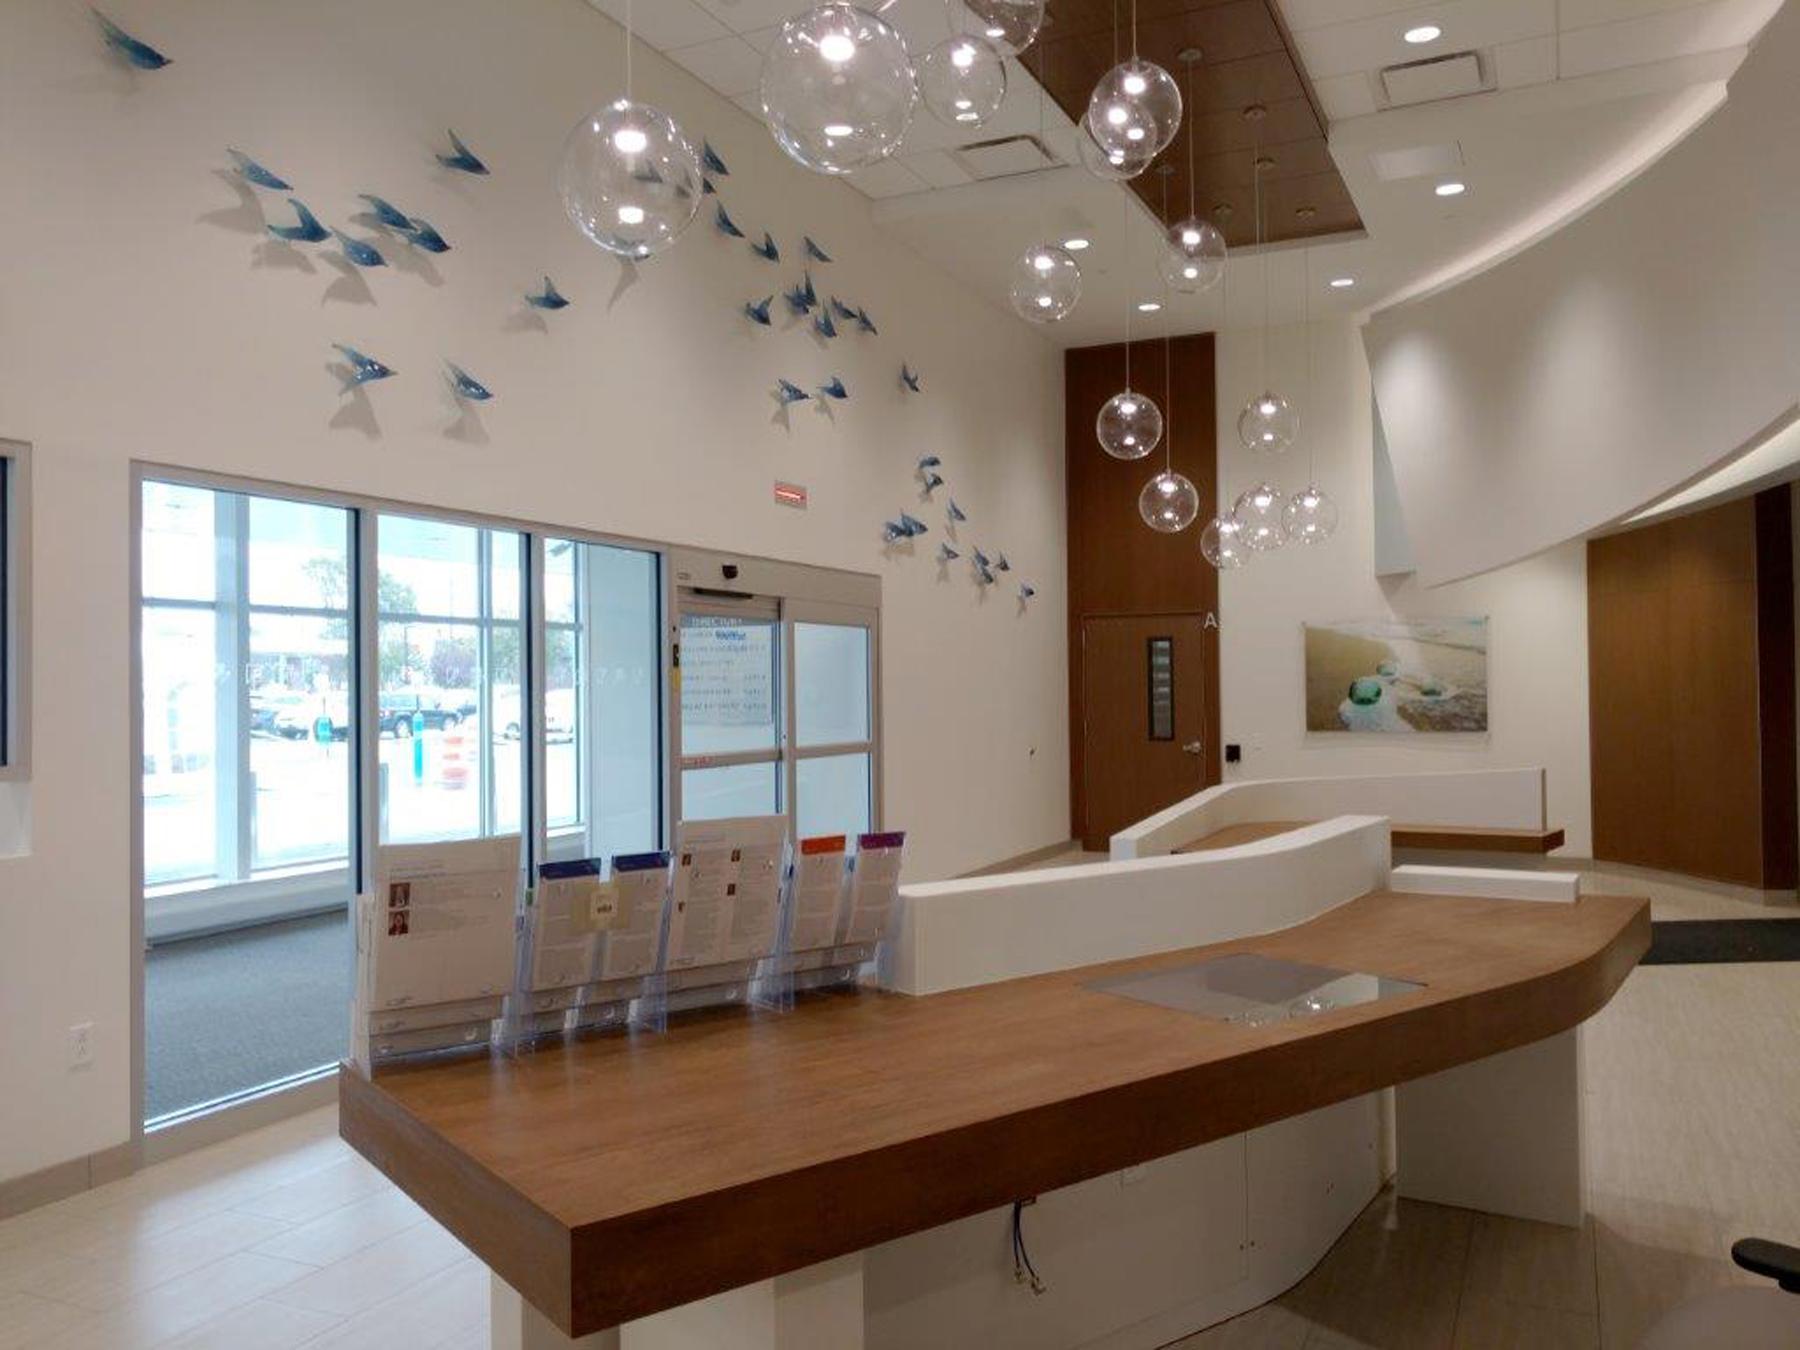 Imbert Cancer Center Lobby.jpg